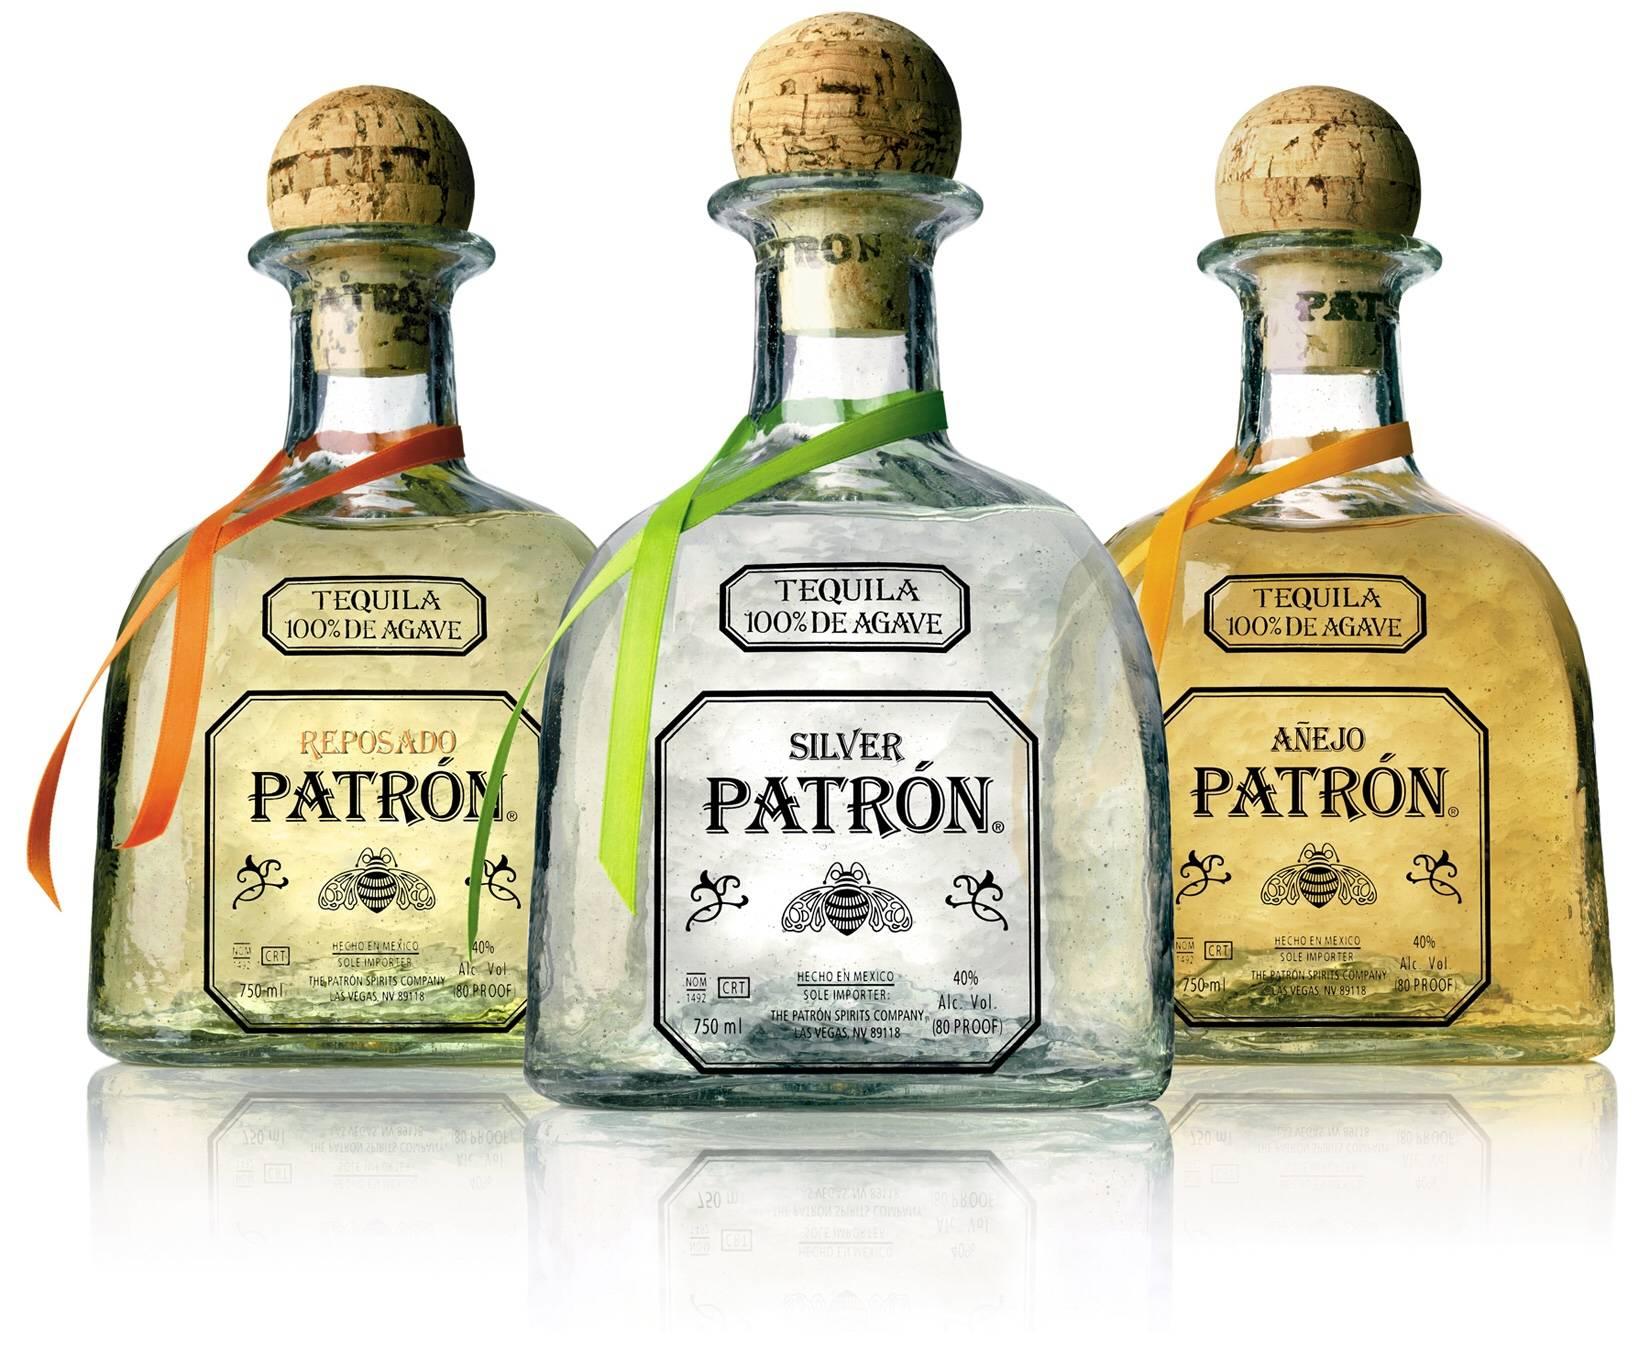 Справочник текиловеда: виды текилы, известные бренды, как пьют